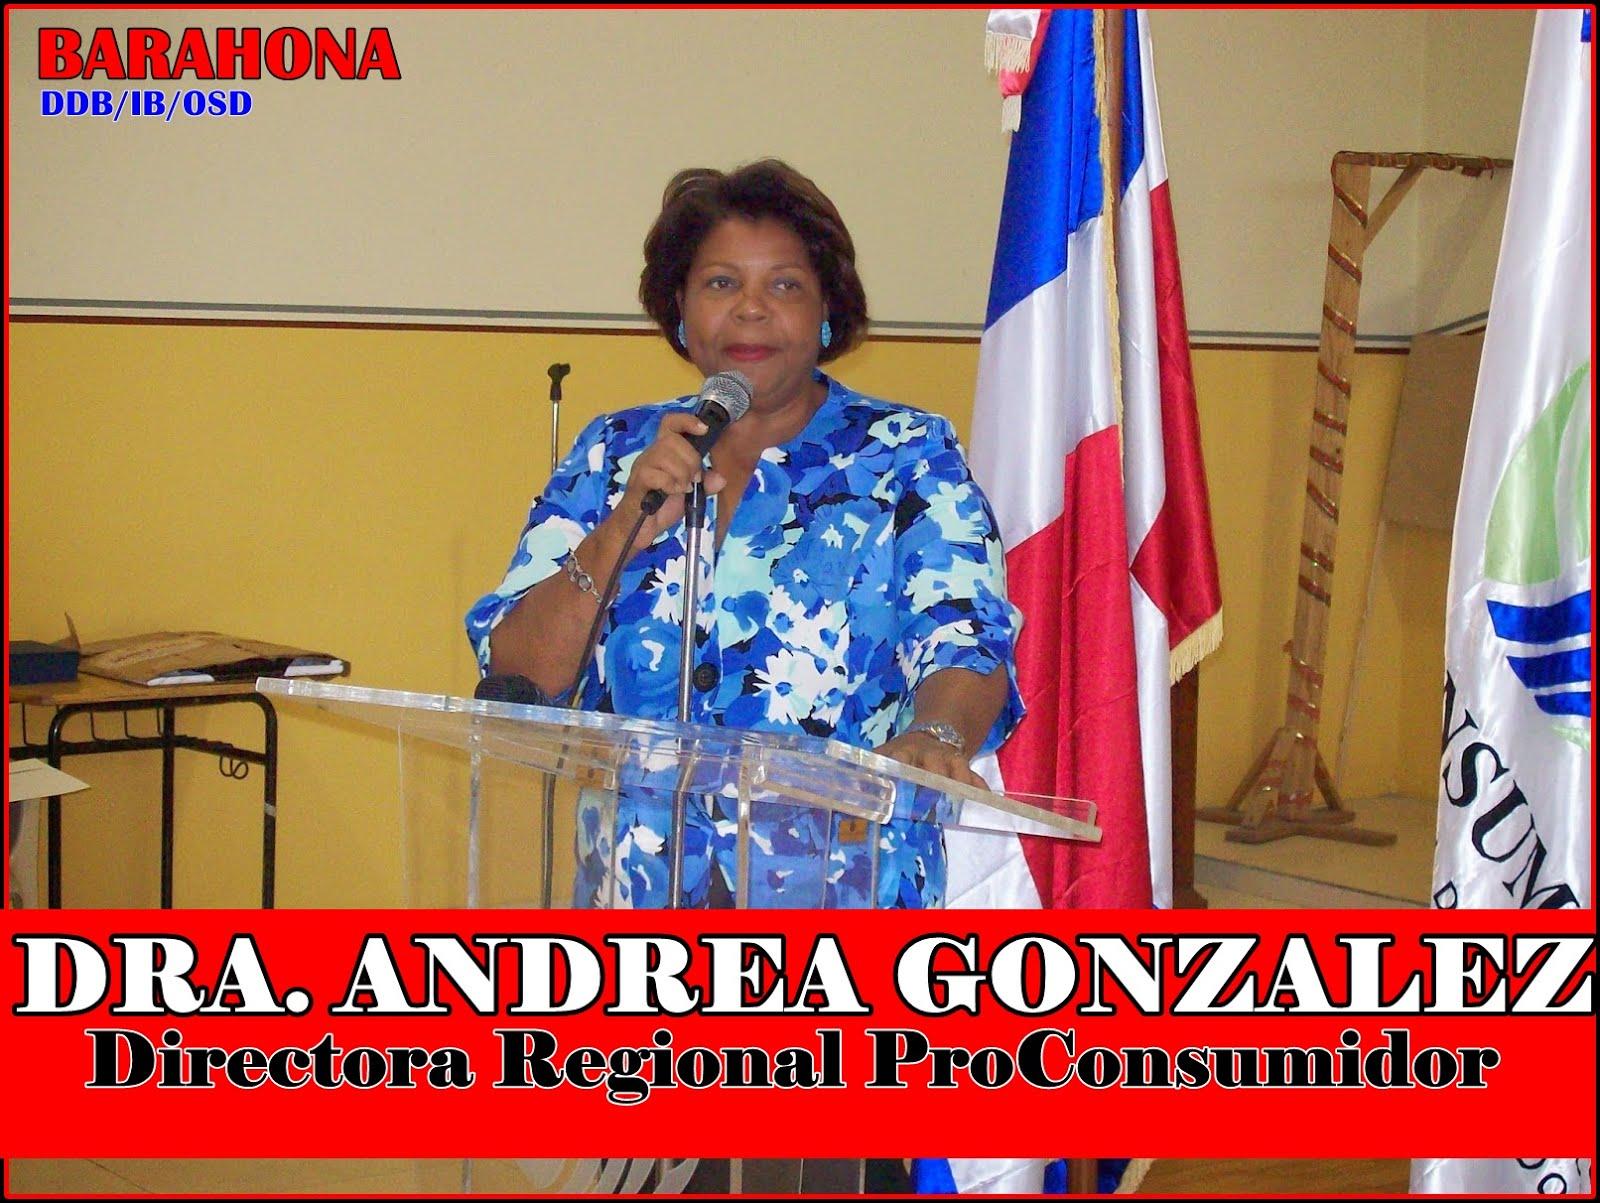 DRA. ANDREA GONZALEZ, DIRECTORA REGIONAL PROCONSUMIDOR